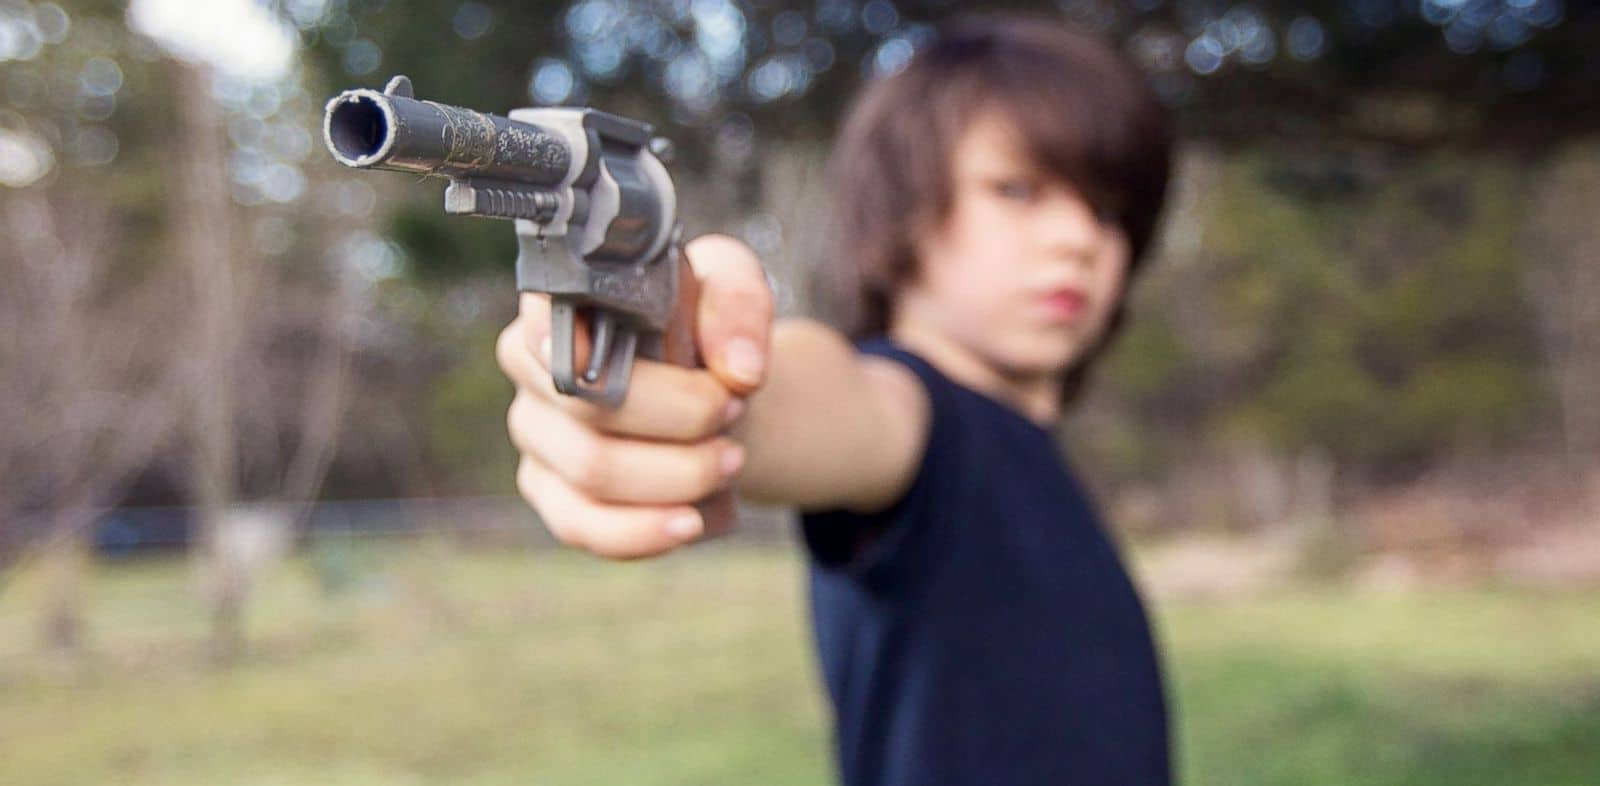 Сонник Пистолет  приснился, к чему снится Пистолет во сне видеть?